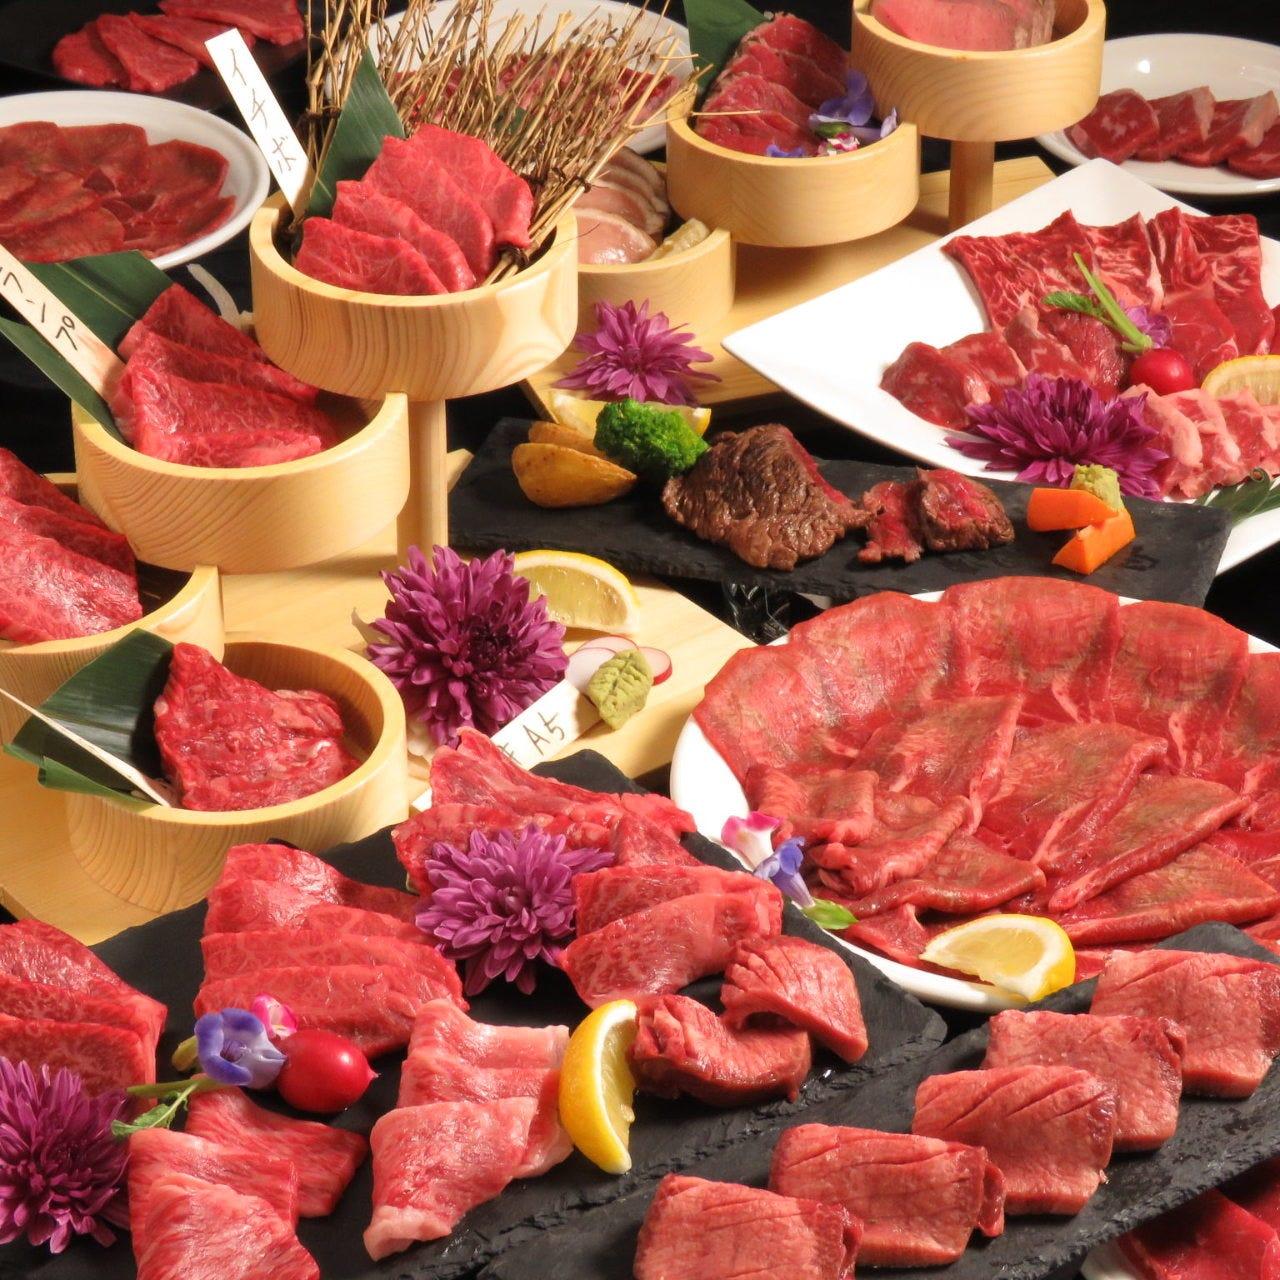 仙台牛♪特選和牛が食べ放題◆